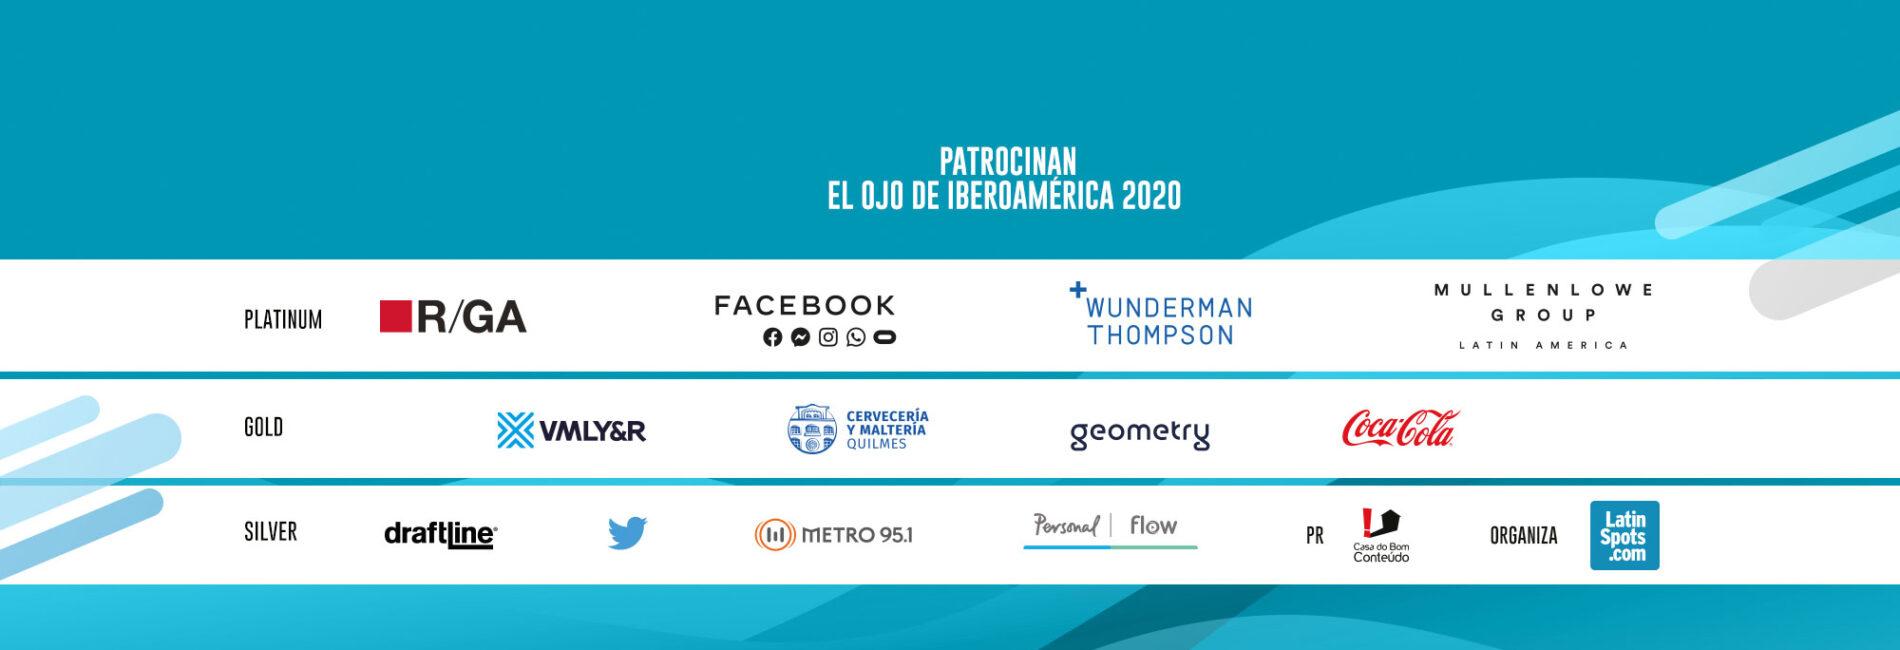 Patrocinaron 2020